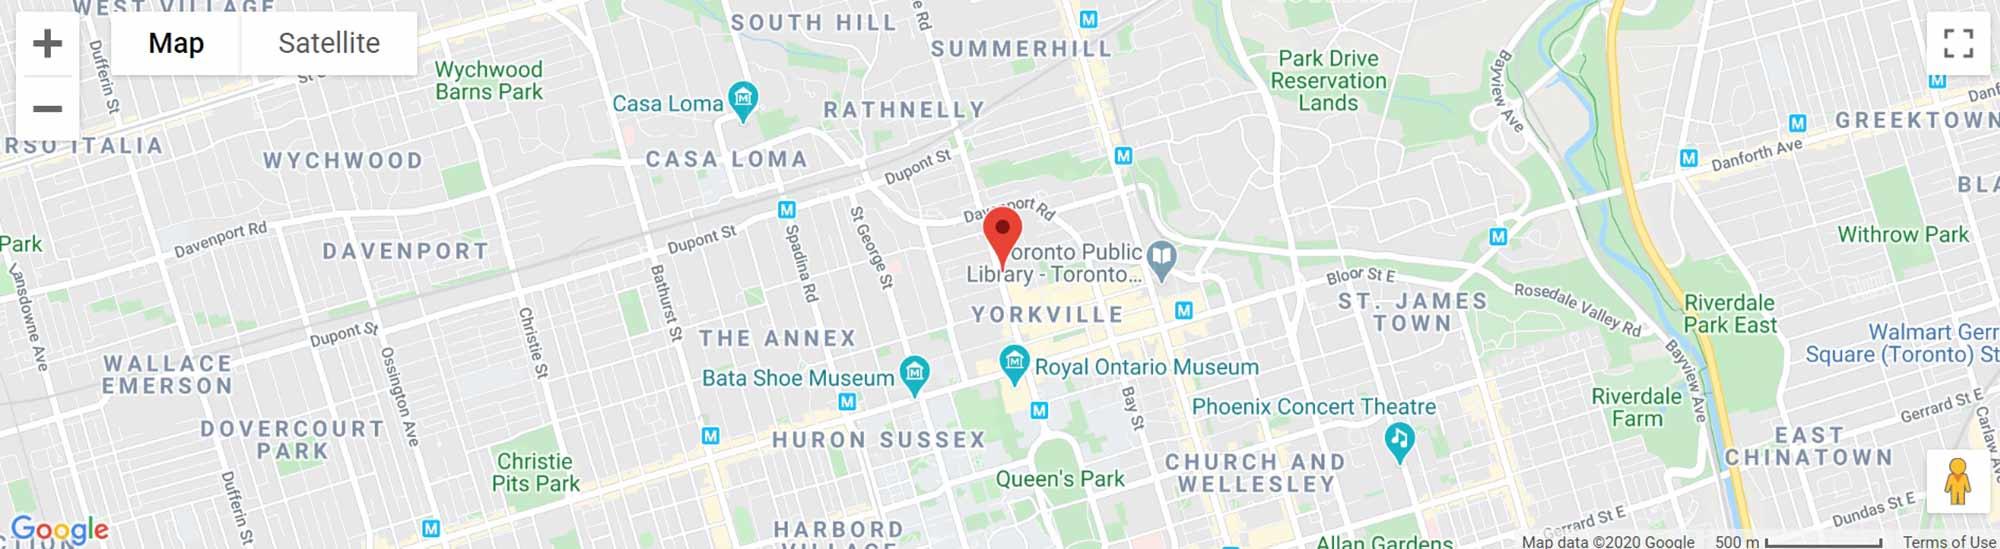 89 Avenue Road condos map